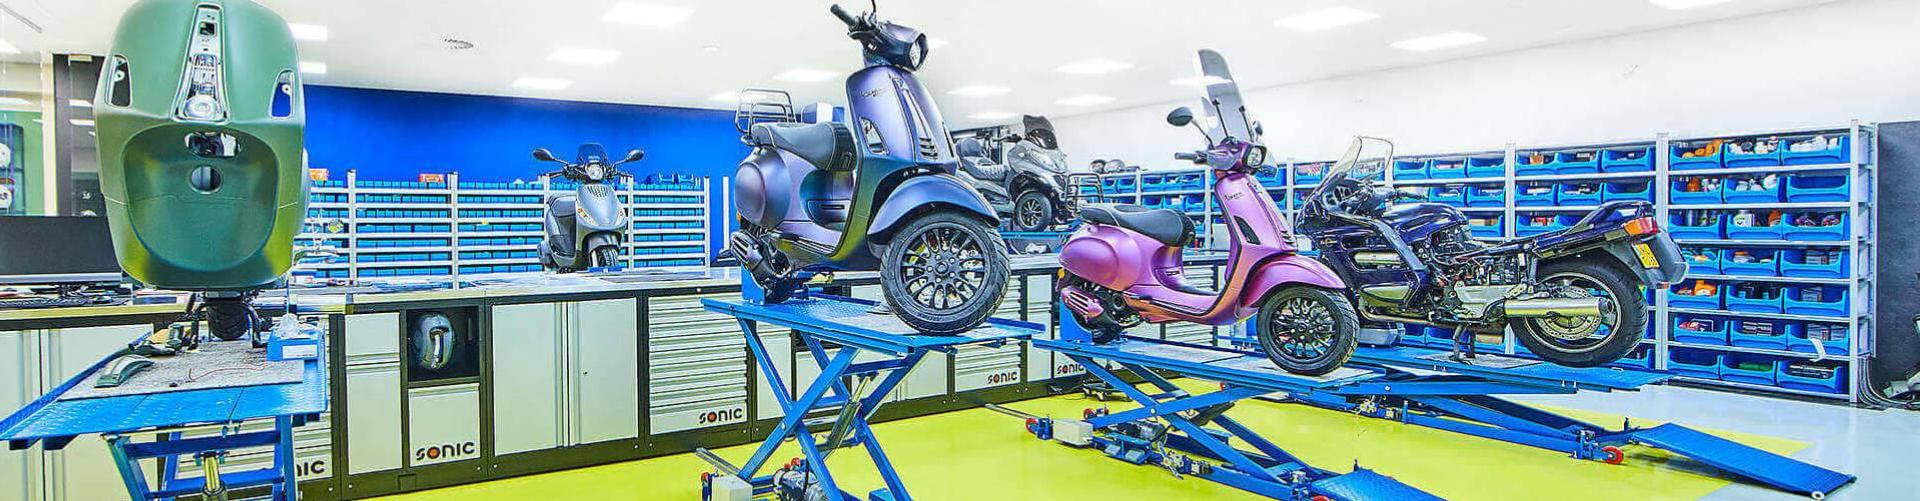 scooter laten ophalen